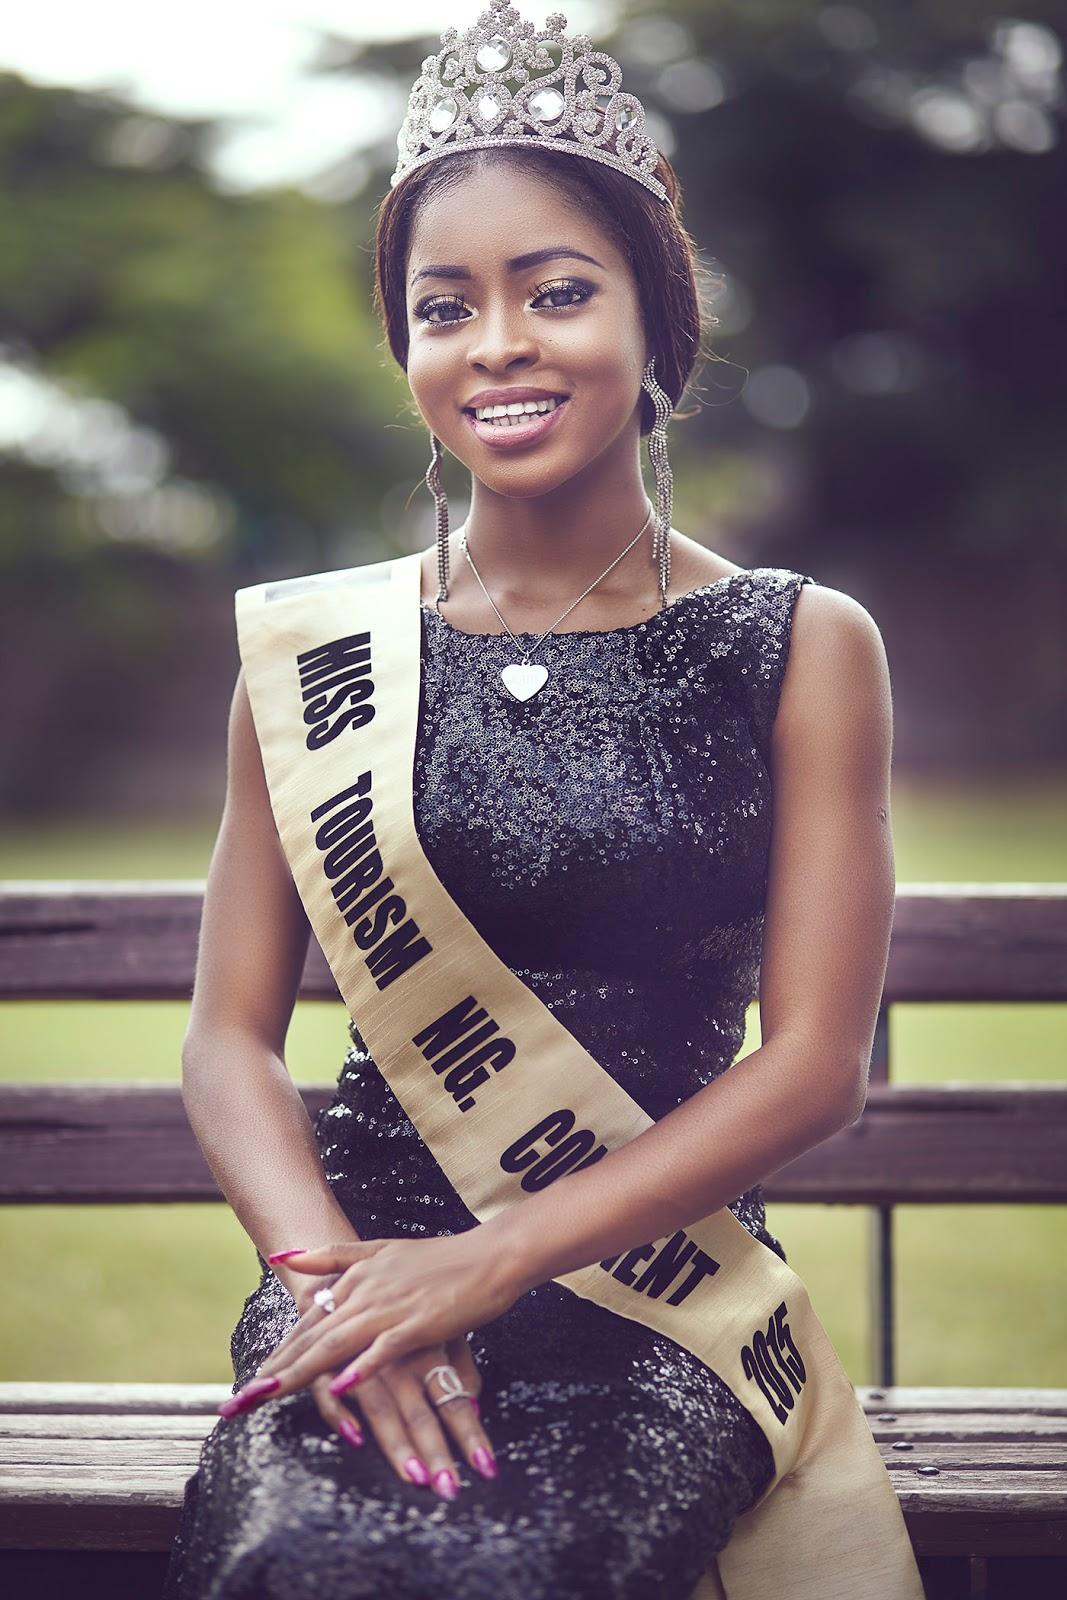 celine anderson miss tourism nigeria continent 2015 portrait 02